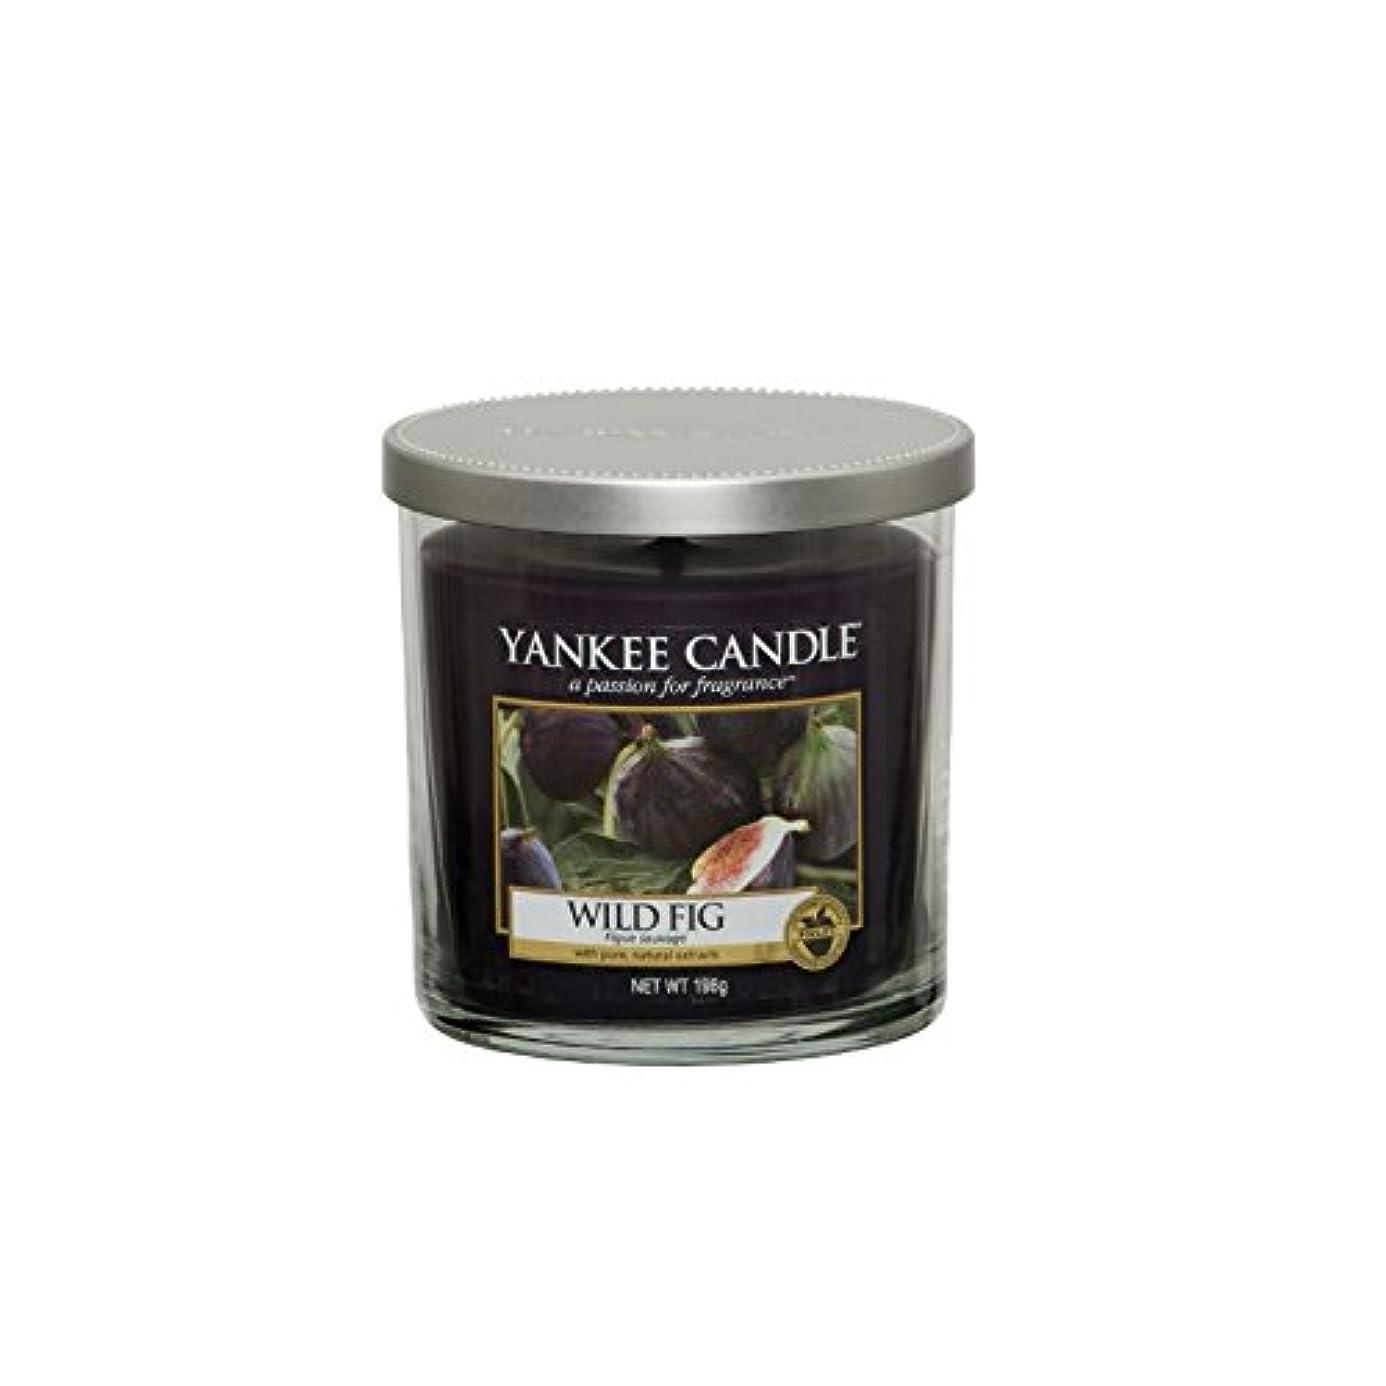 シェア遠近法フラフープYankee Candles Small Pillar Candle - Wild Fig (Pack of 2) - ヤンキーキャンドルの小さな柱キャンドル - 野生のイチジク (x2) [並行輸入品]